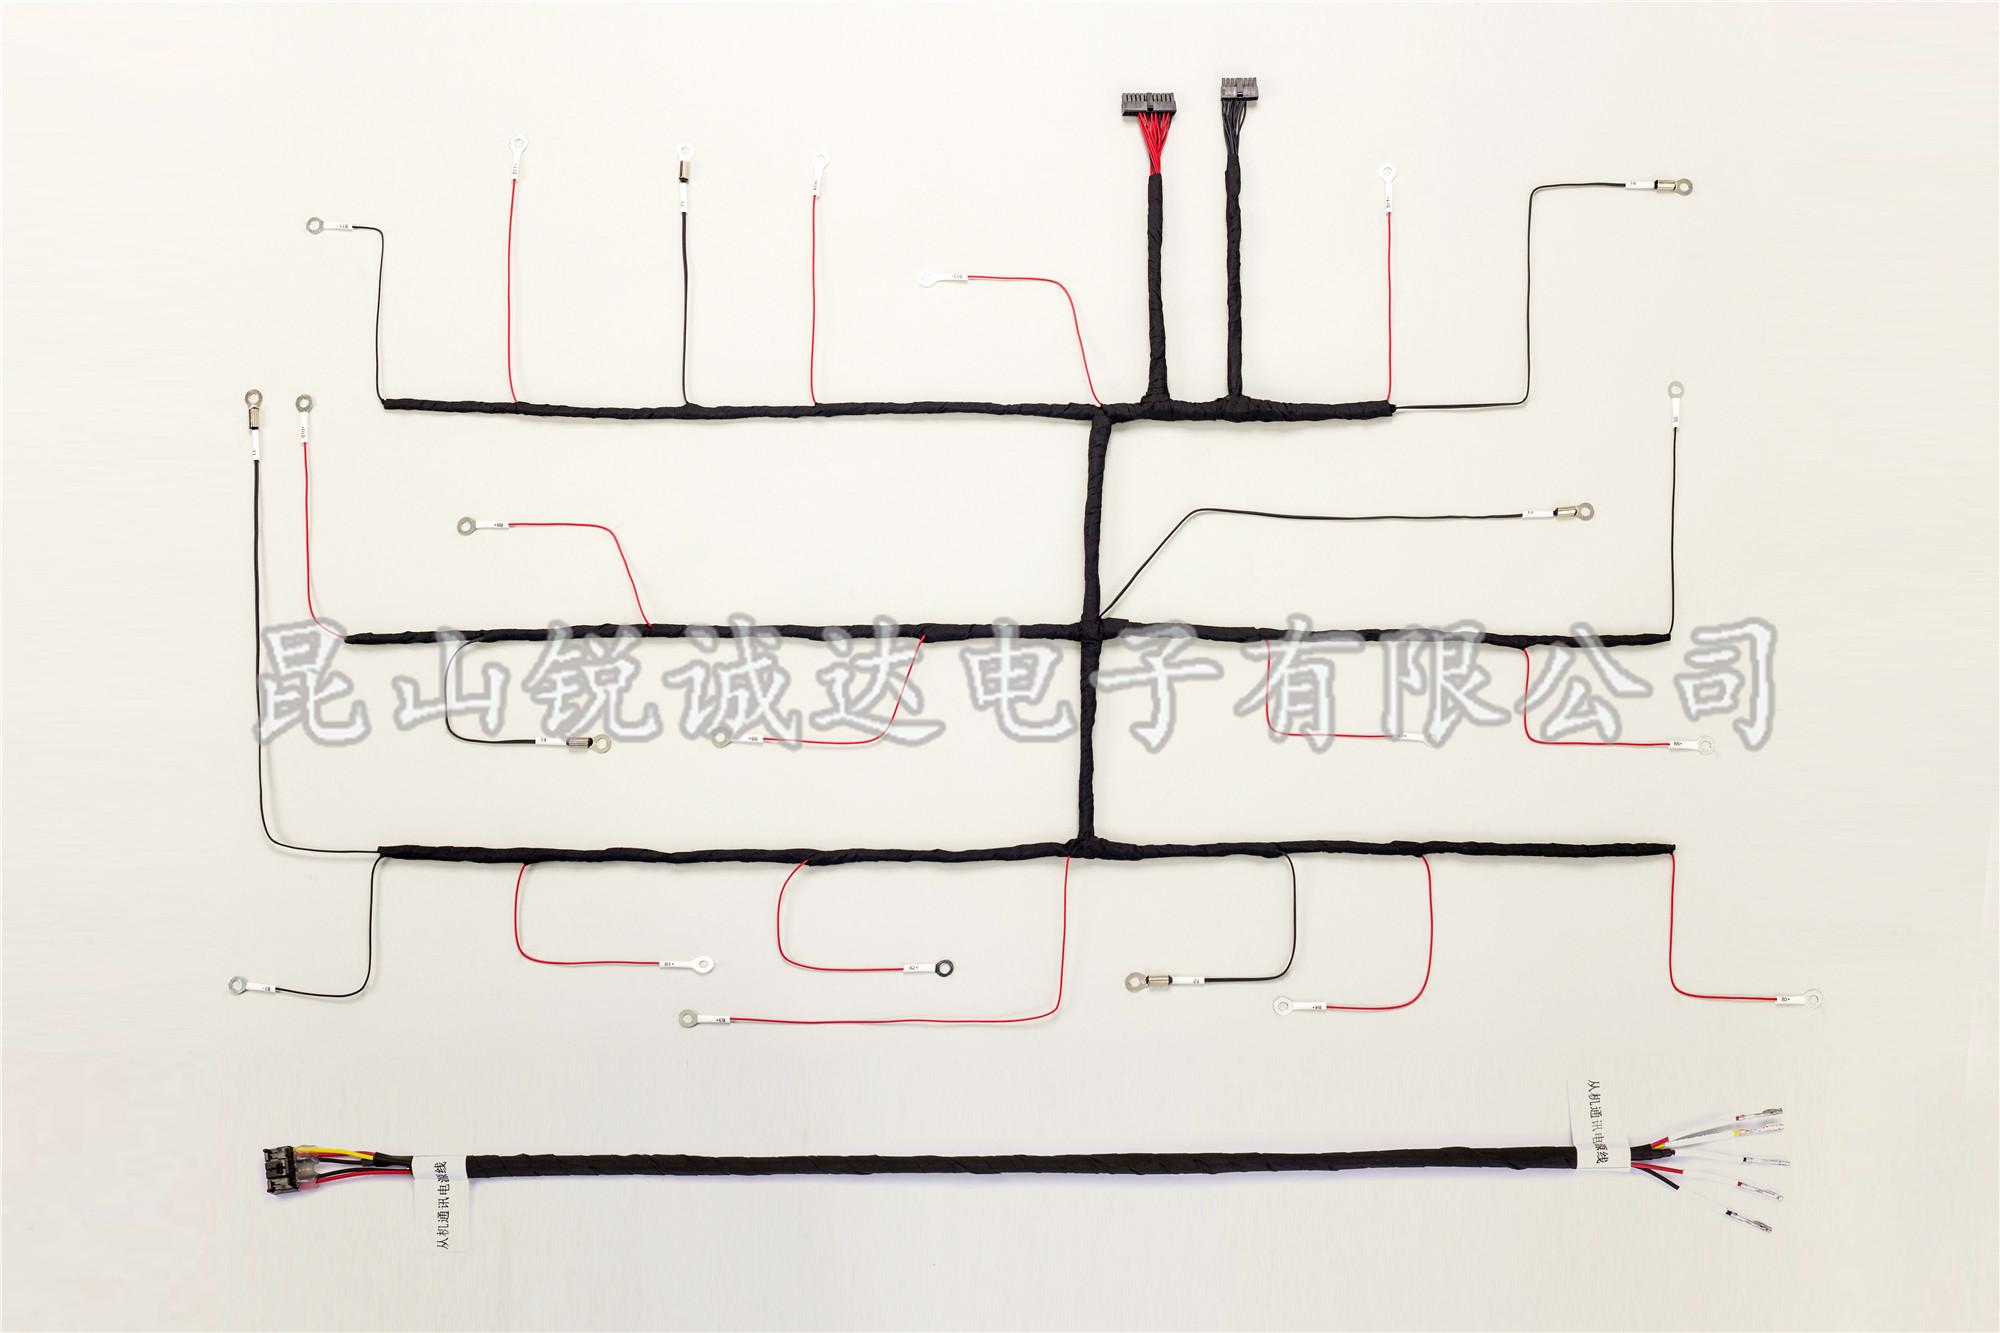 江苏高品质控制器线束质量厂 欢迎来电 锐诚达供